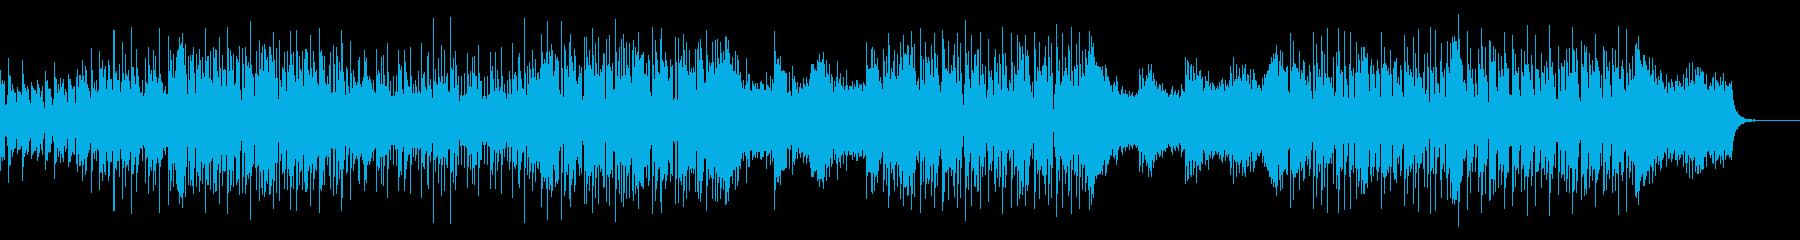 爽やかで切なく疾走感のある曲の再生済みの波形